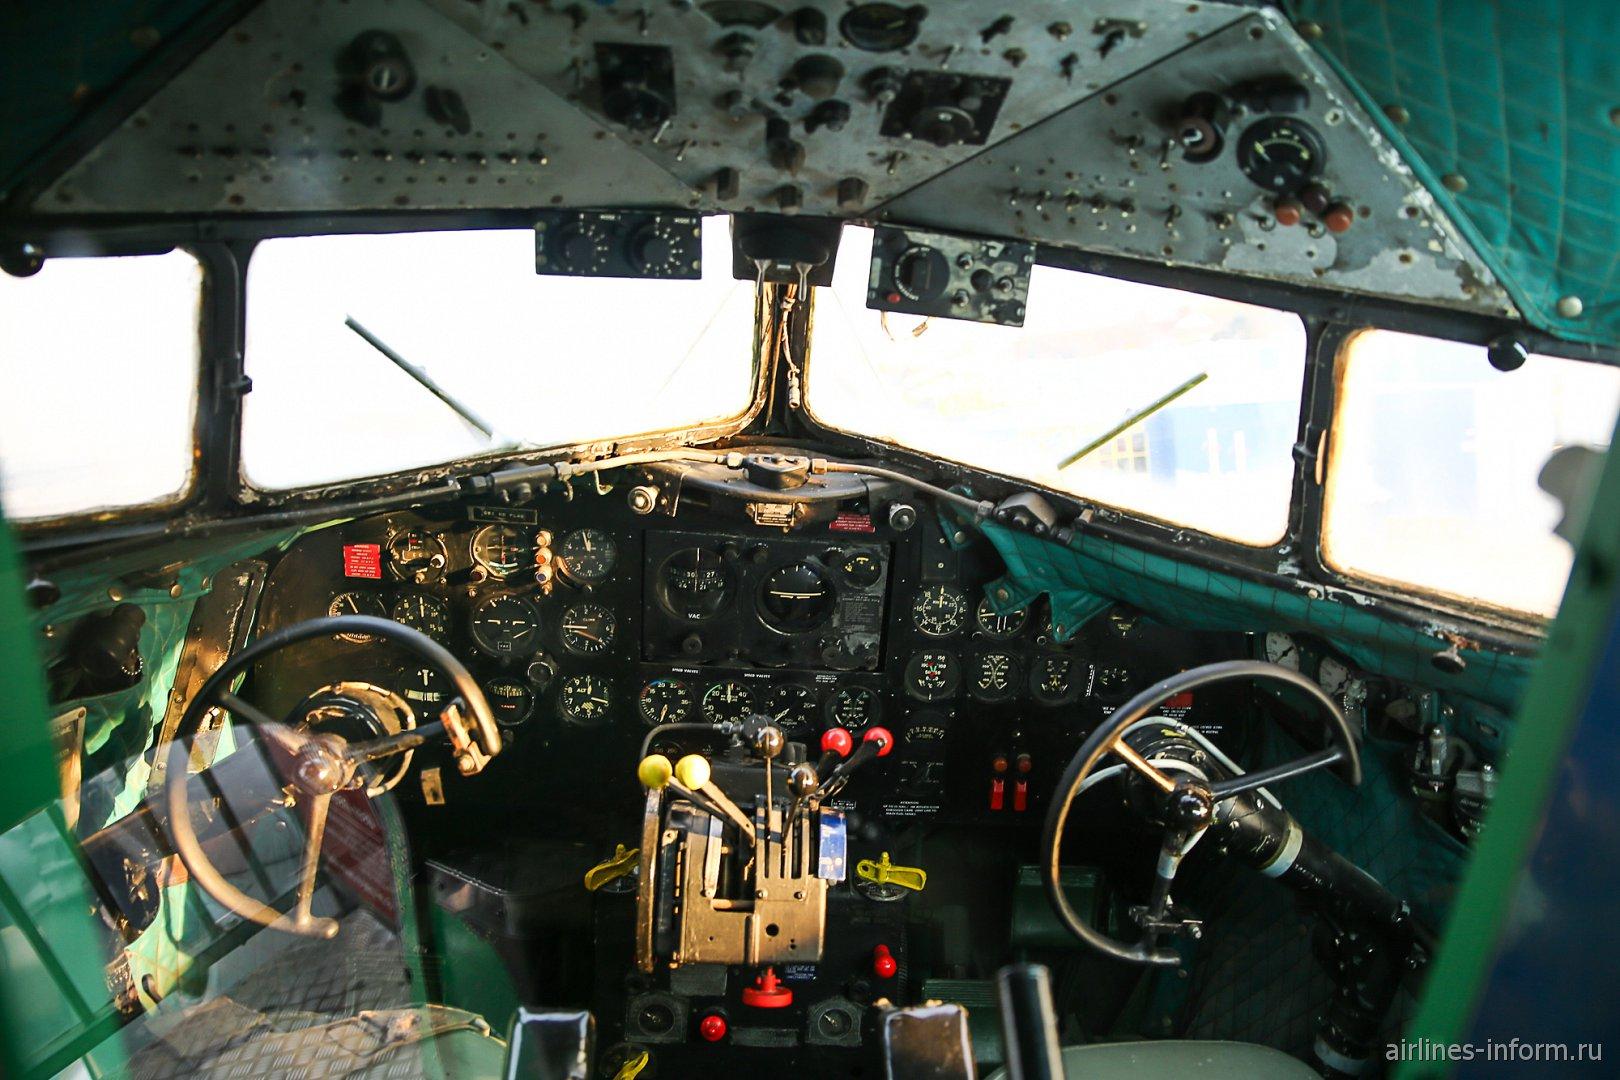 Пилотская кабина самолета Дуглас DC-3 в музее техники в Зинсхайме